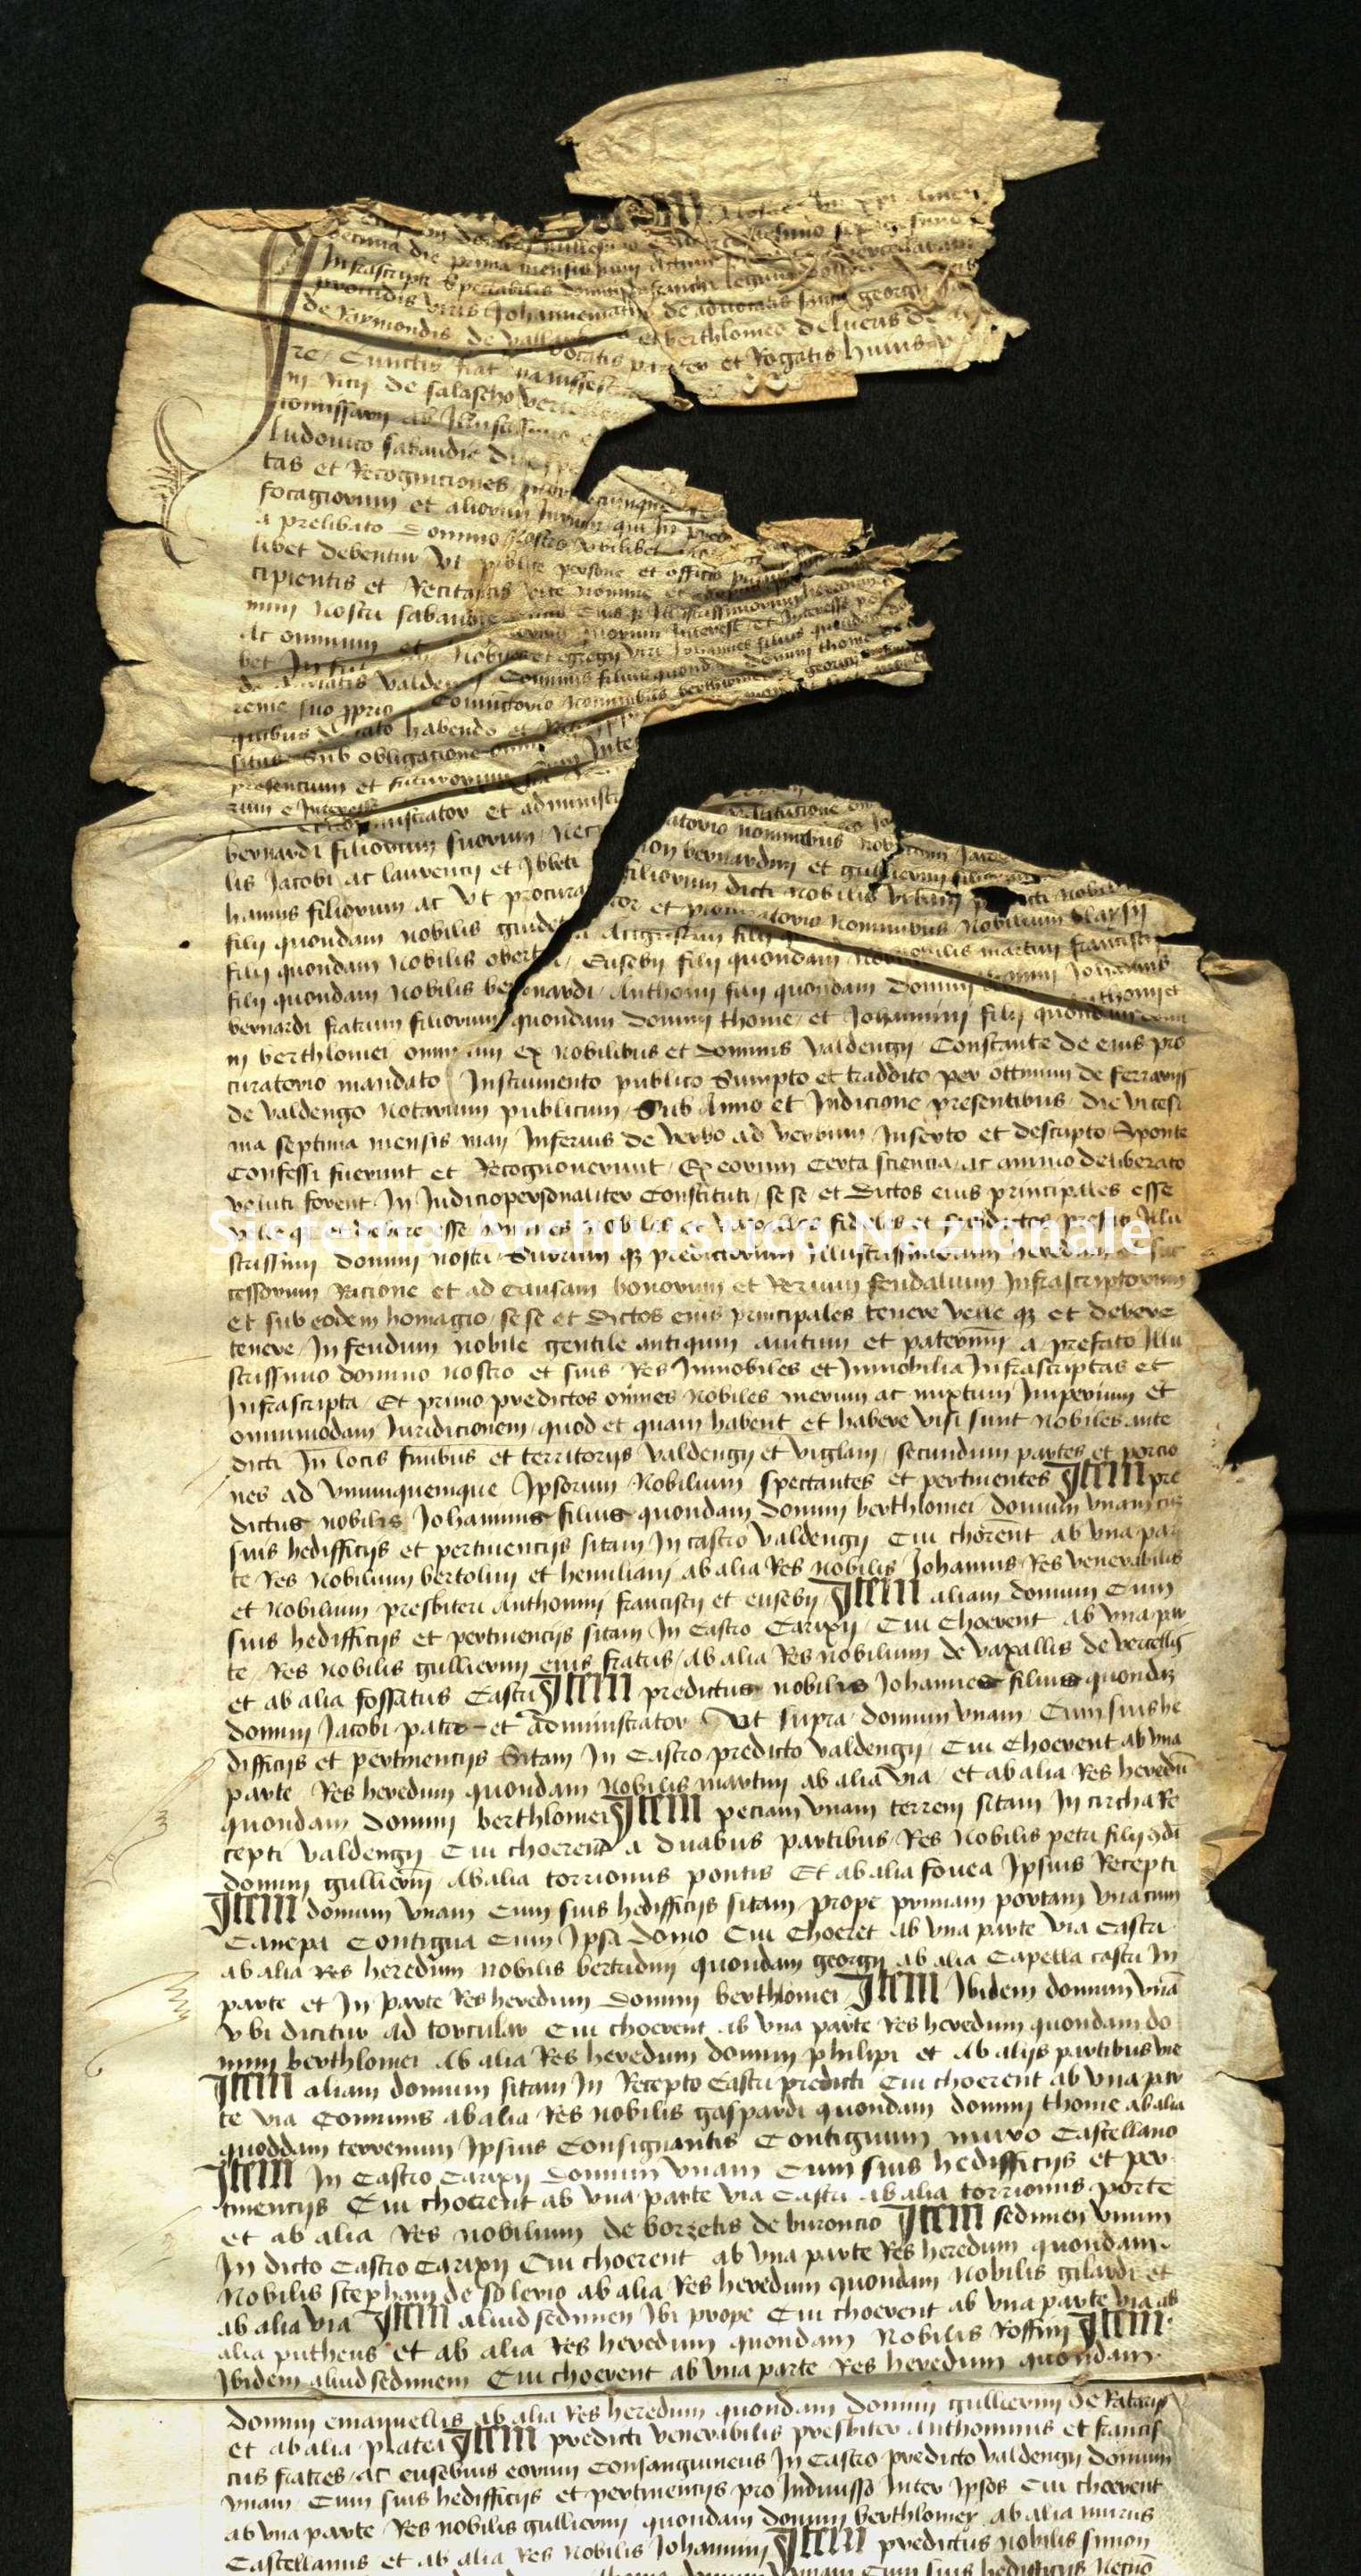 Archivio di Stato di Biella, Avogadro di Valdengo, Pergamene I, Vercelli 1 giugno 1462